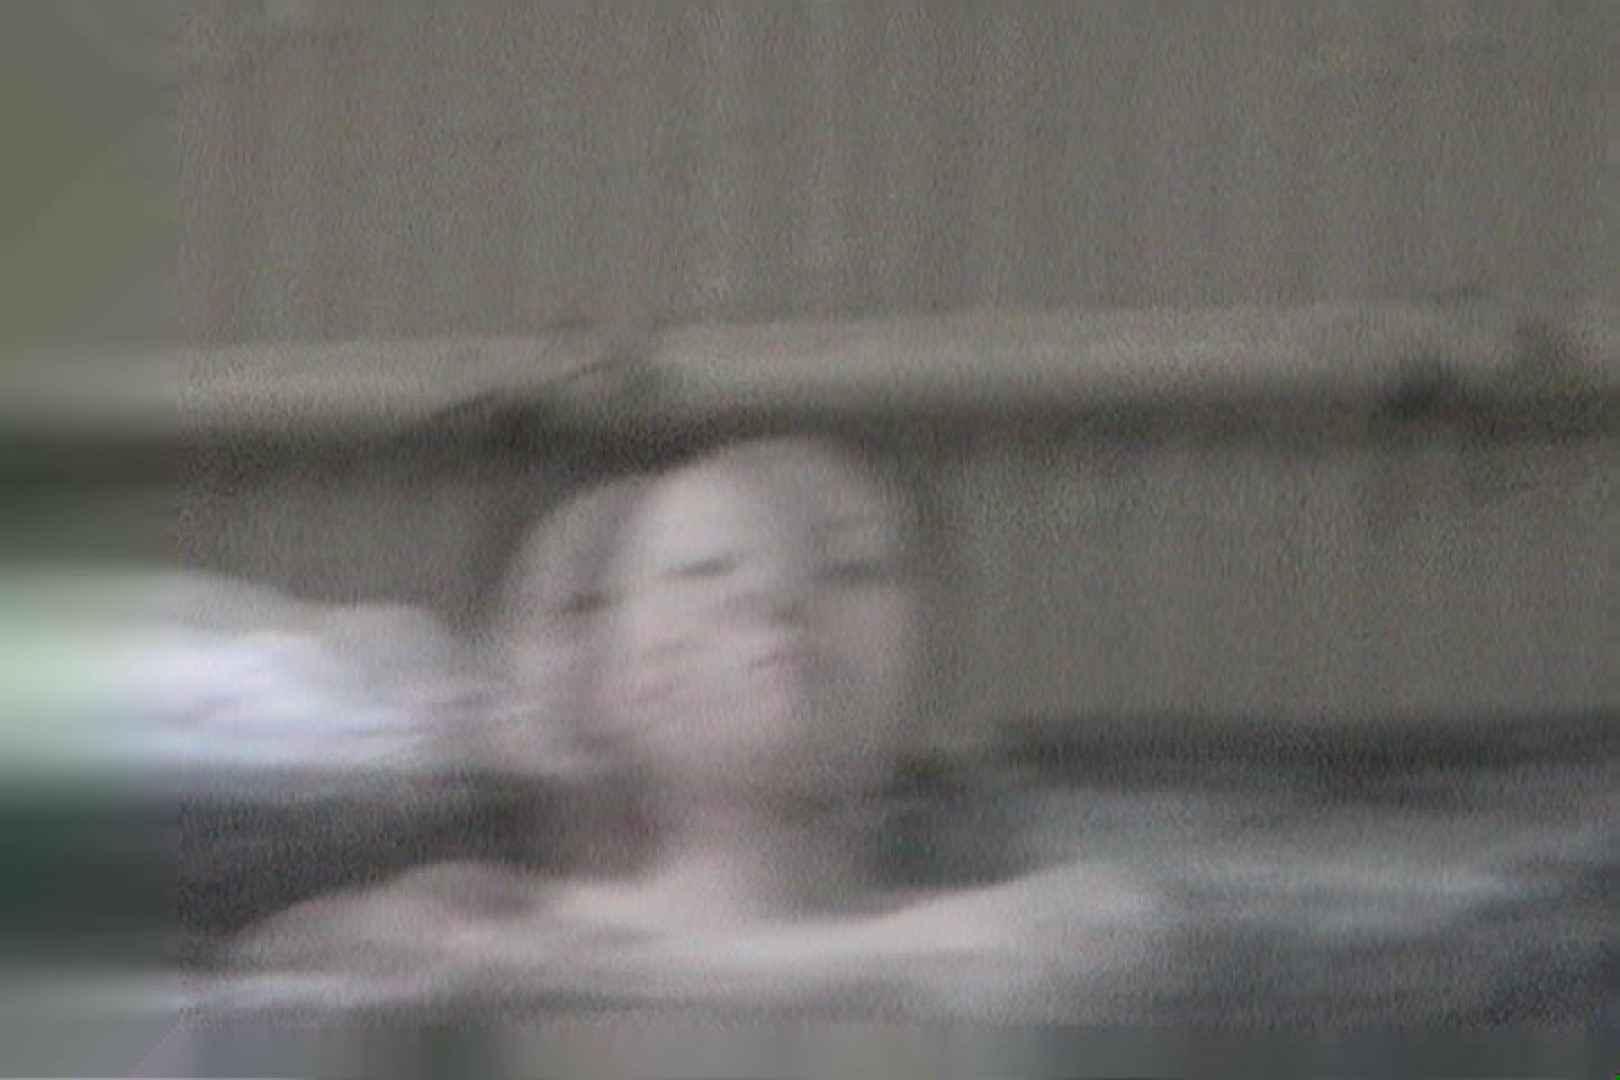 Aquaな露天風呂Vol.602 エッチな盗撮 おまんこ動画流出 110pic 26